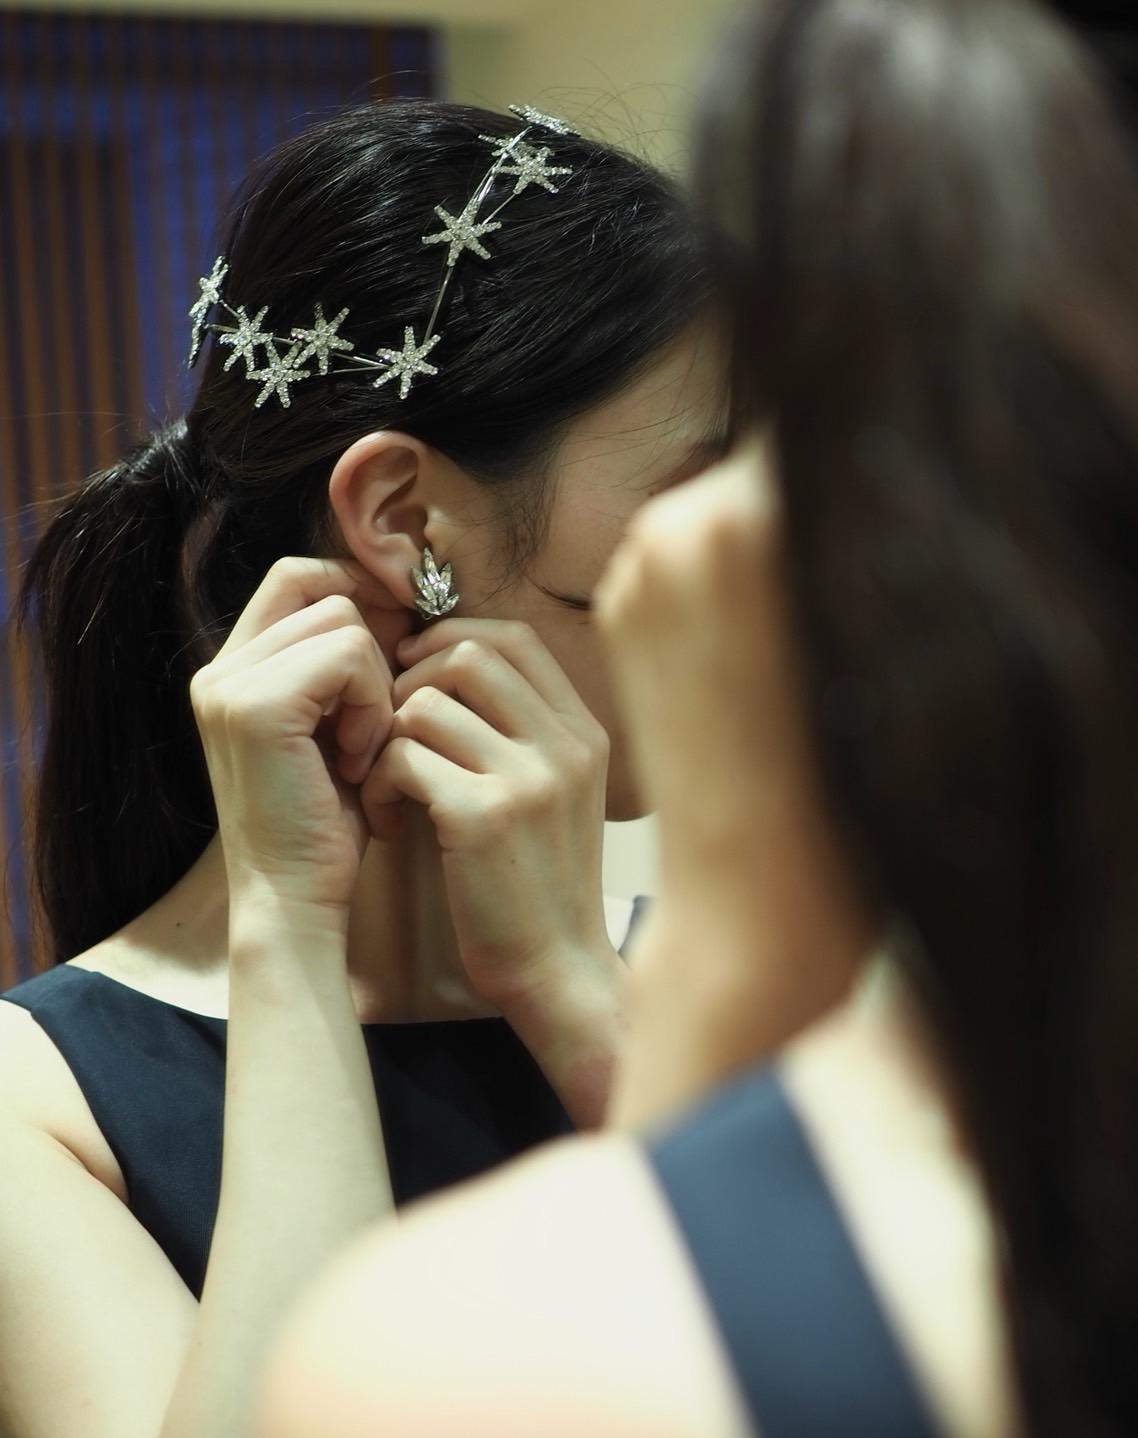 これから結婚式を挙げる花嫁におススメのシルバーアクセサリーを使用したお洒落なカジュアルスタイルのカラードレスのコーディネート